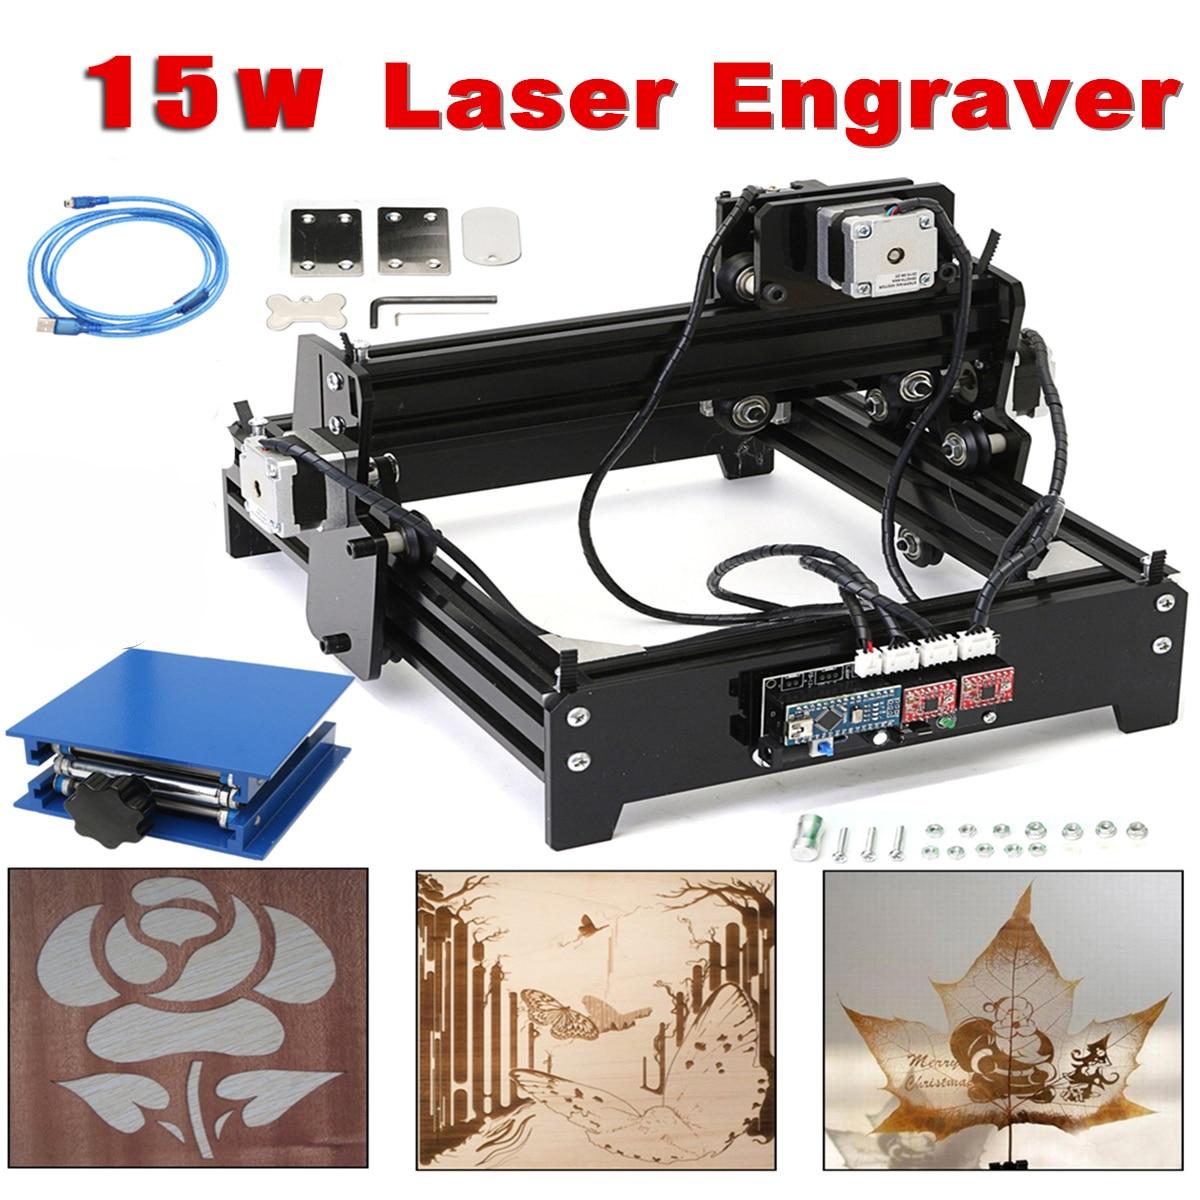 Zone de gravure 14x20 cm 15 W Laser AS-5 USB bureau 15000 mW CNC graveur Laser bricolage Machine de marquage pour métal pierre bois